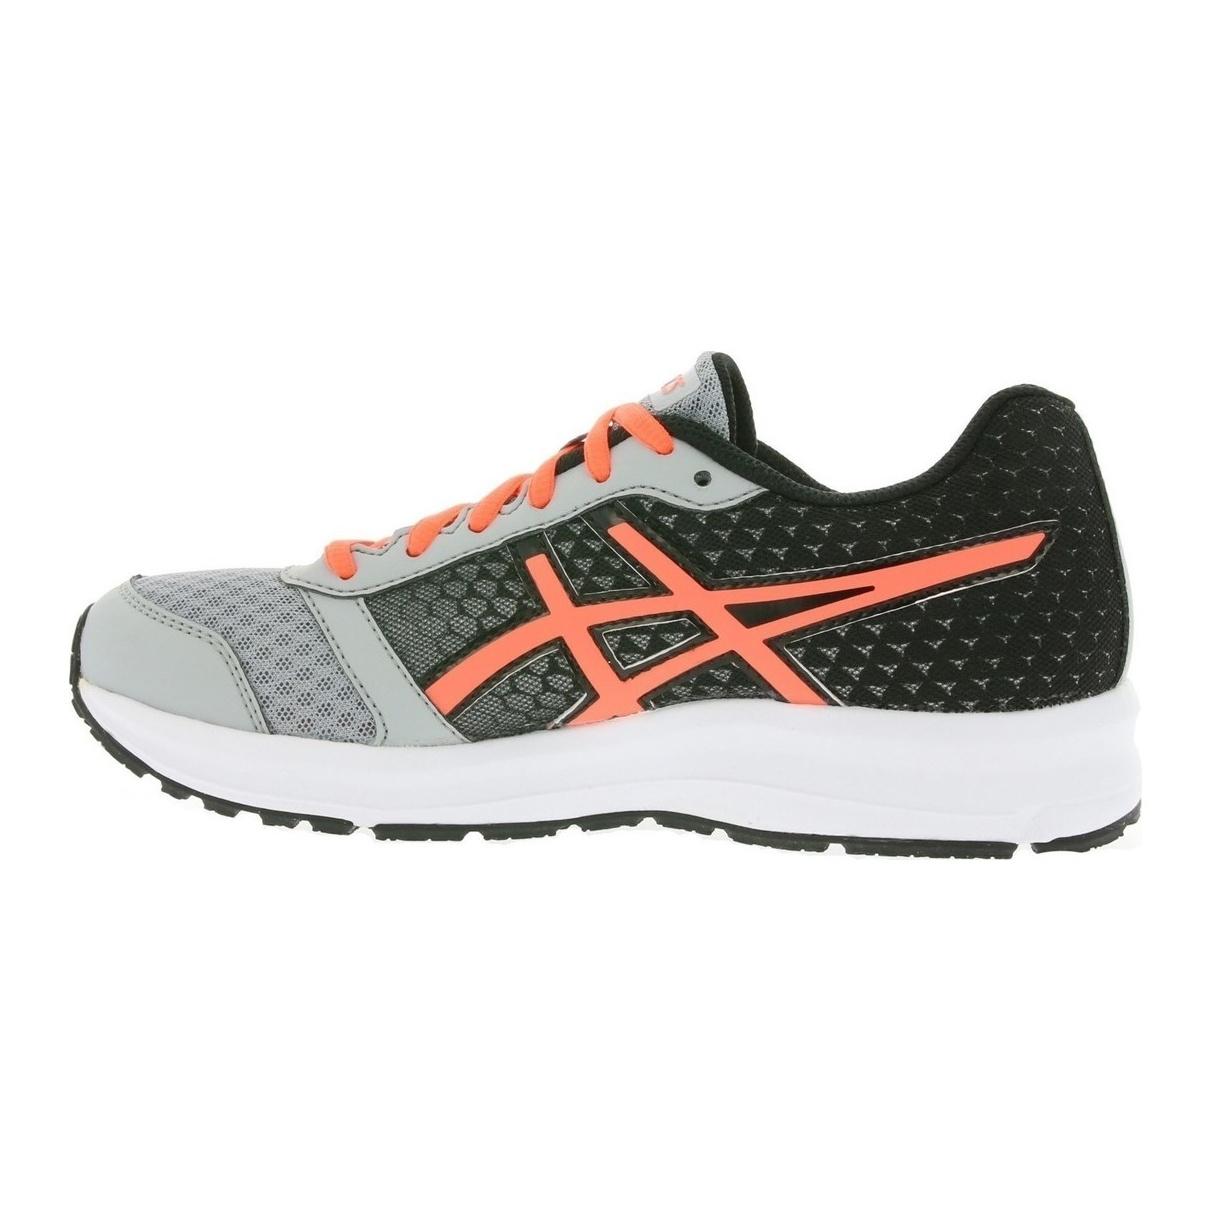 کفش مخصوص دویدن زنانه اسیکس مدل Patriot 8 کد T669N-9606